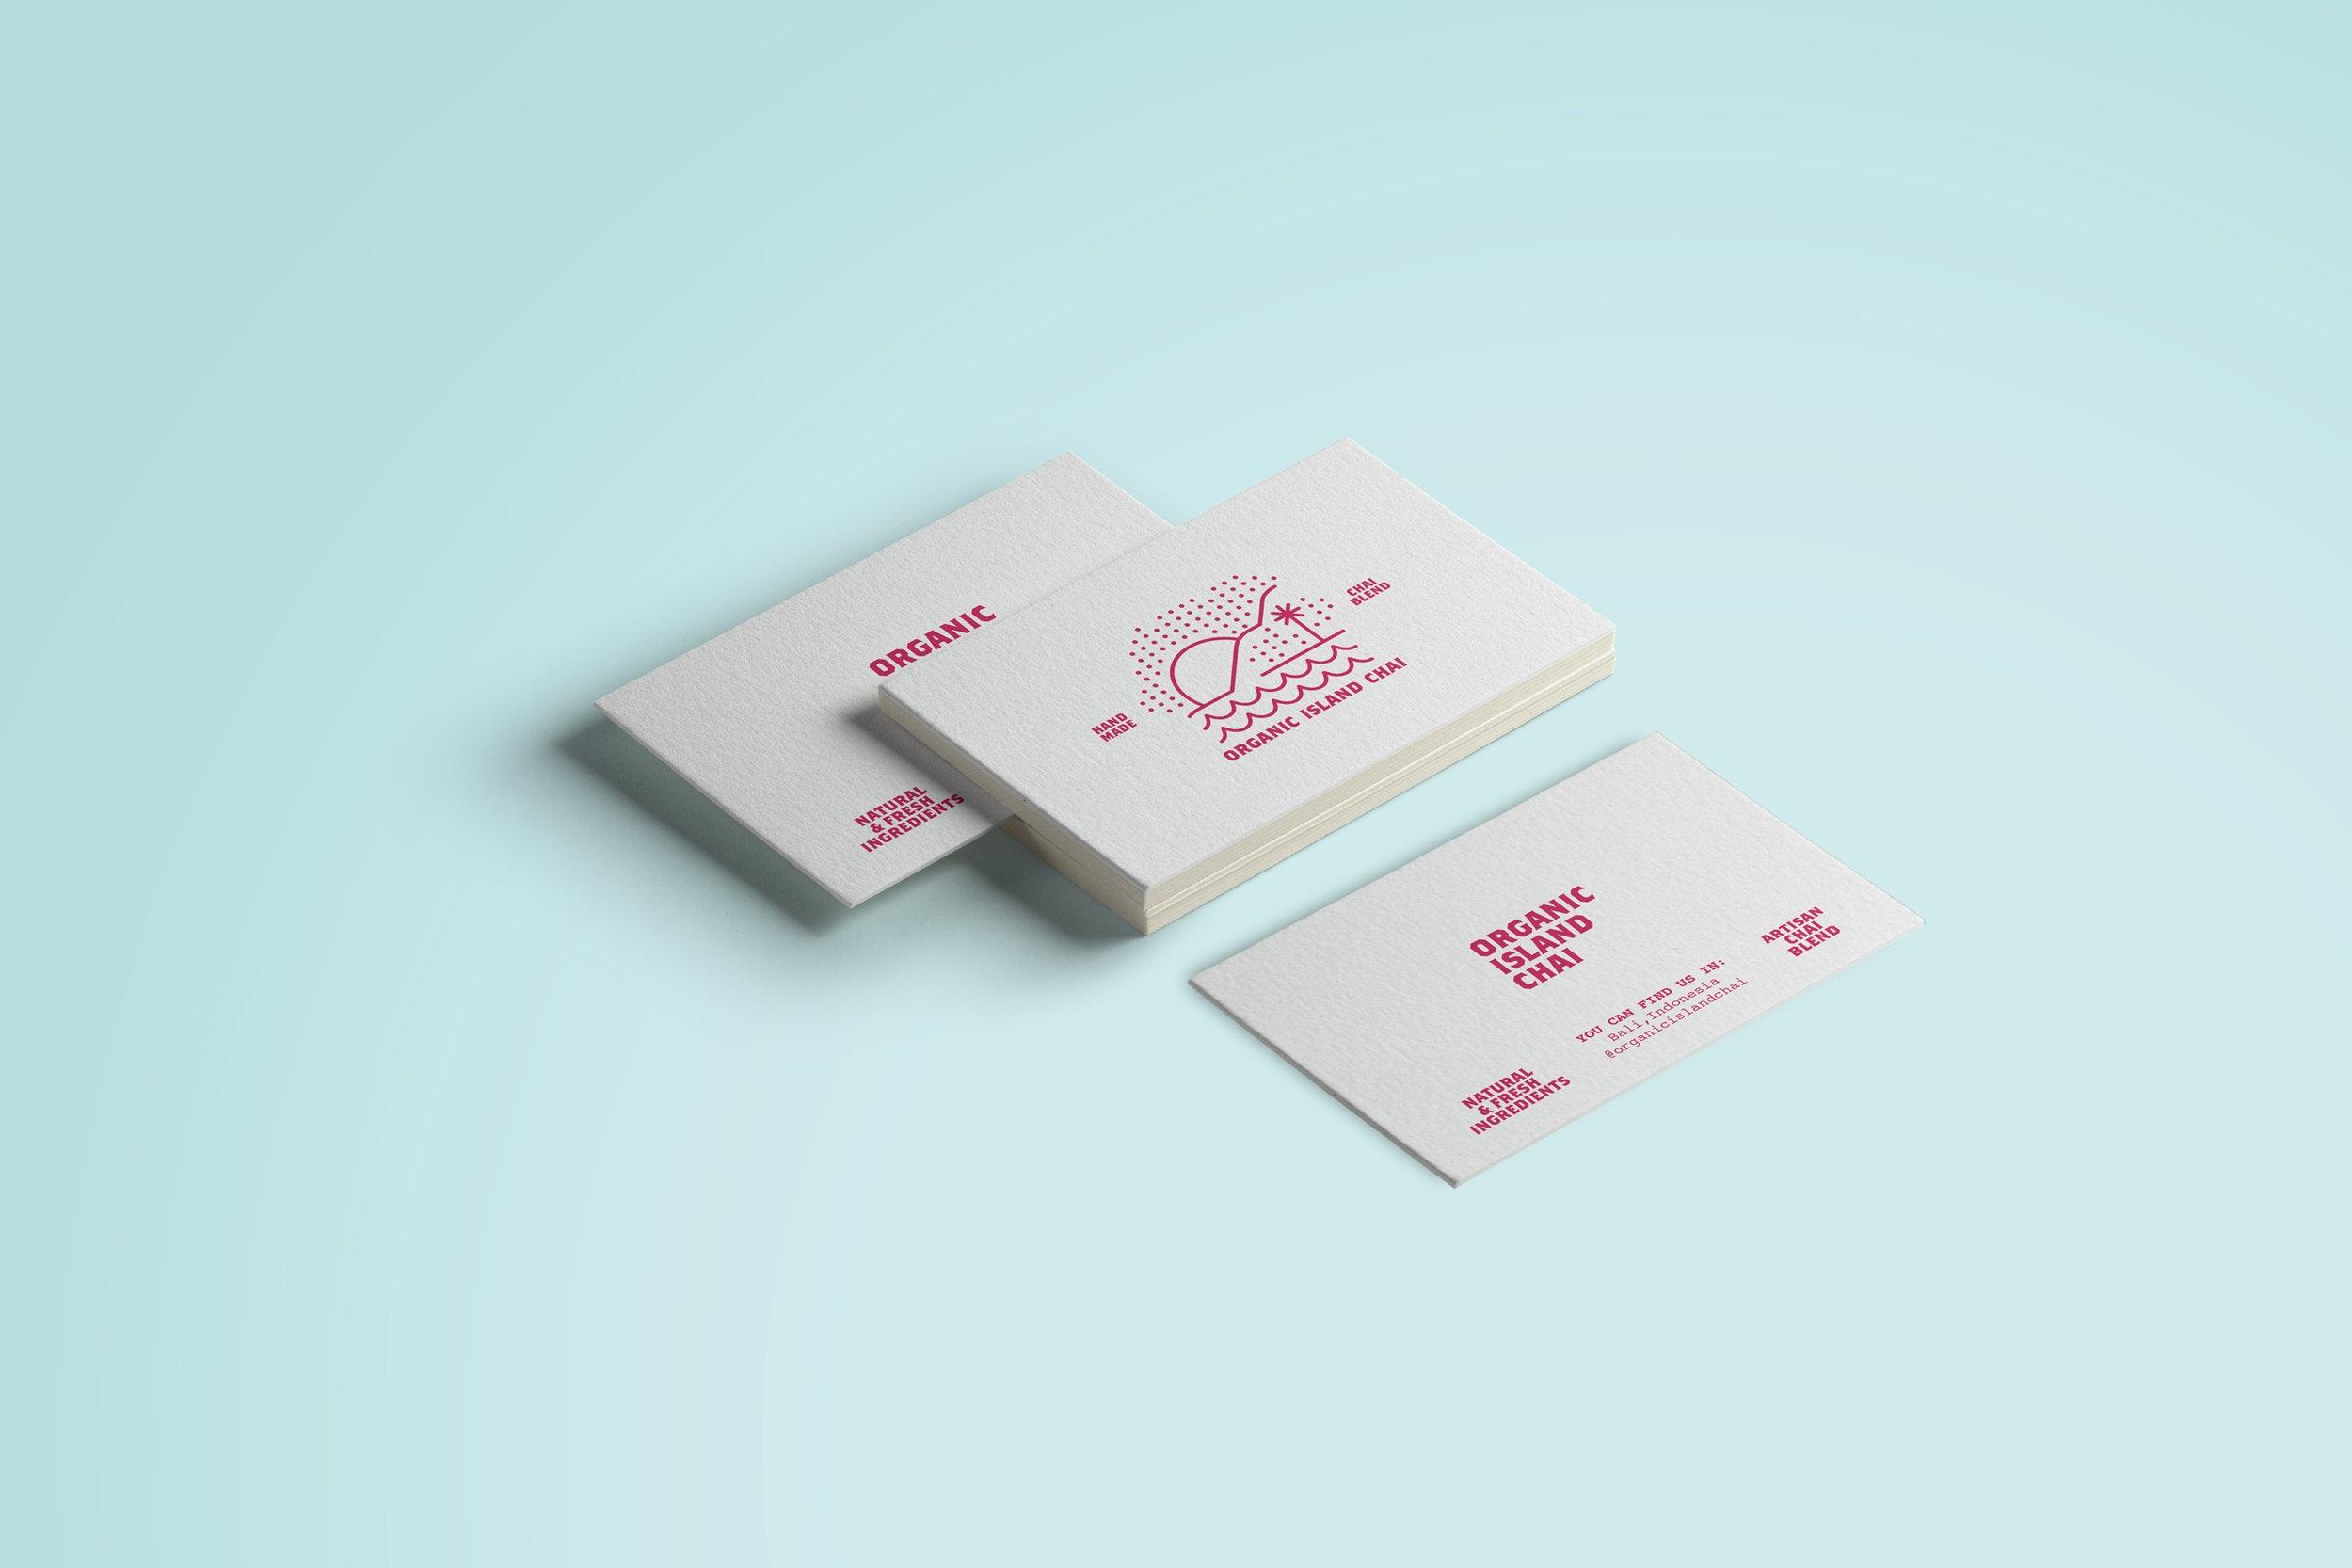 Basic-Stationery-Branding-Mockup.jpg